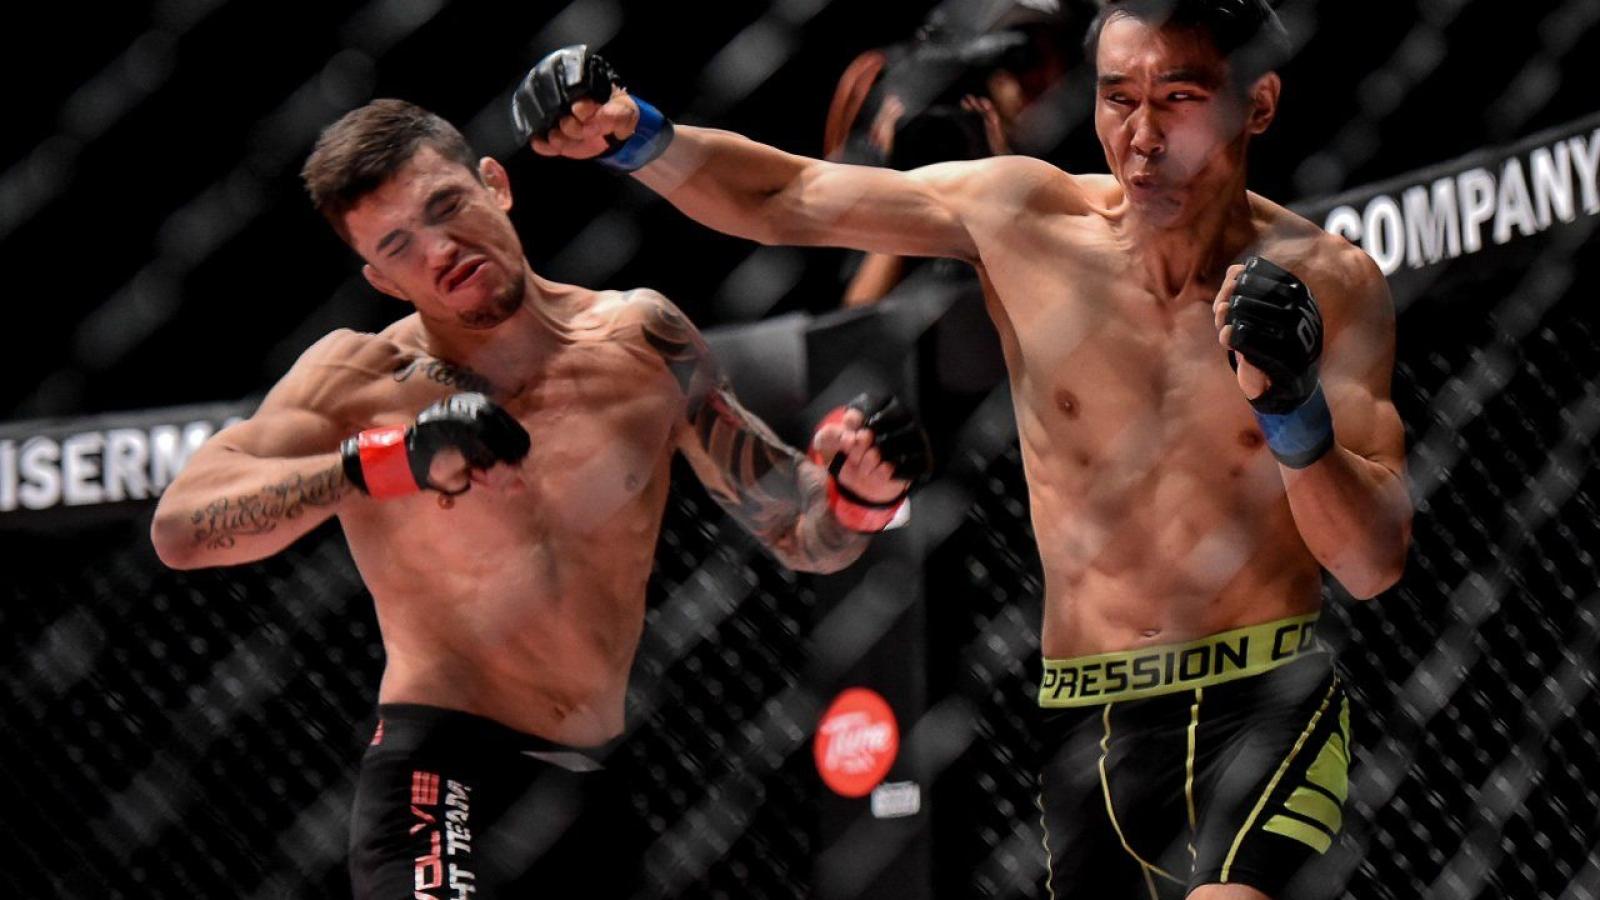 VIDEO: Những đòn knock-out siêu tốc trên sàn đấu võ tự do